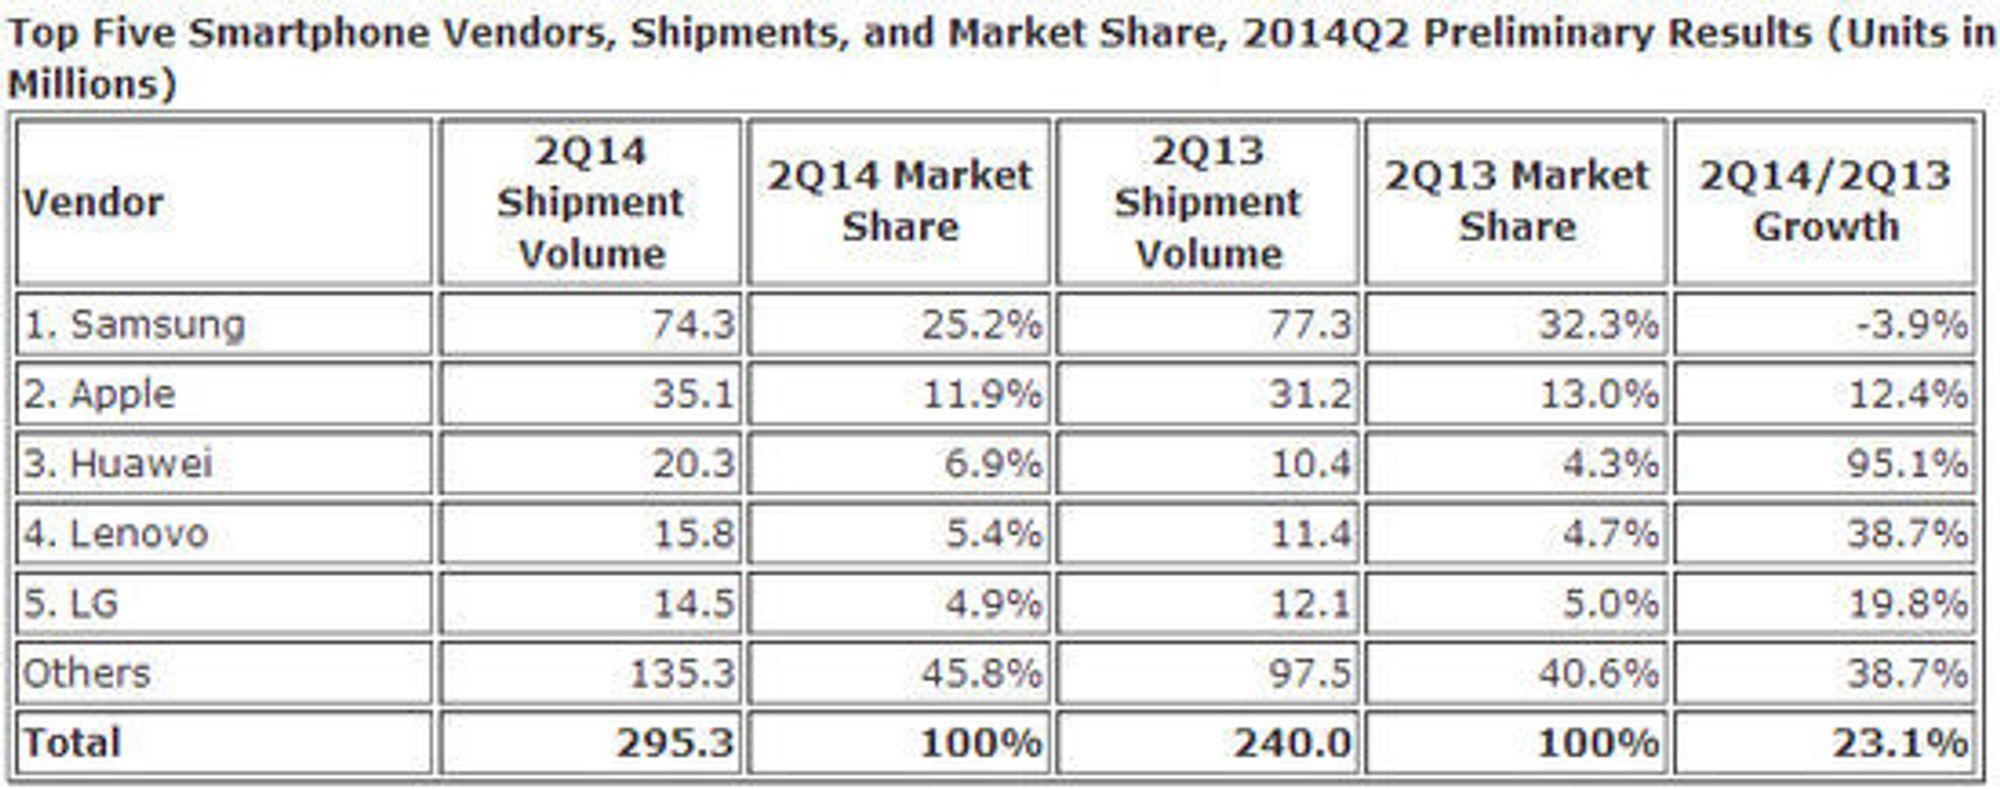 Smartmobilleveransene til de største leverandørene i andre kvartal av 2014.